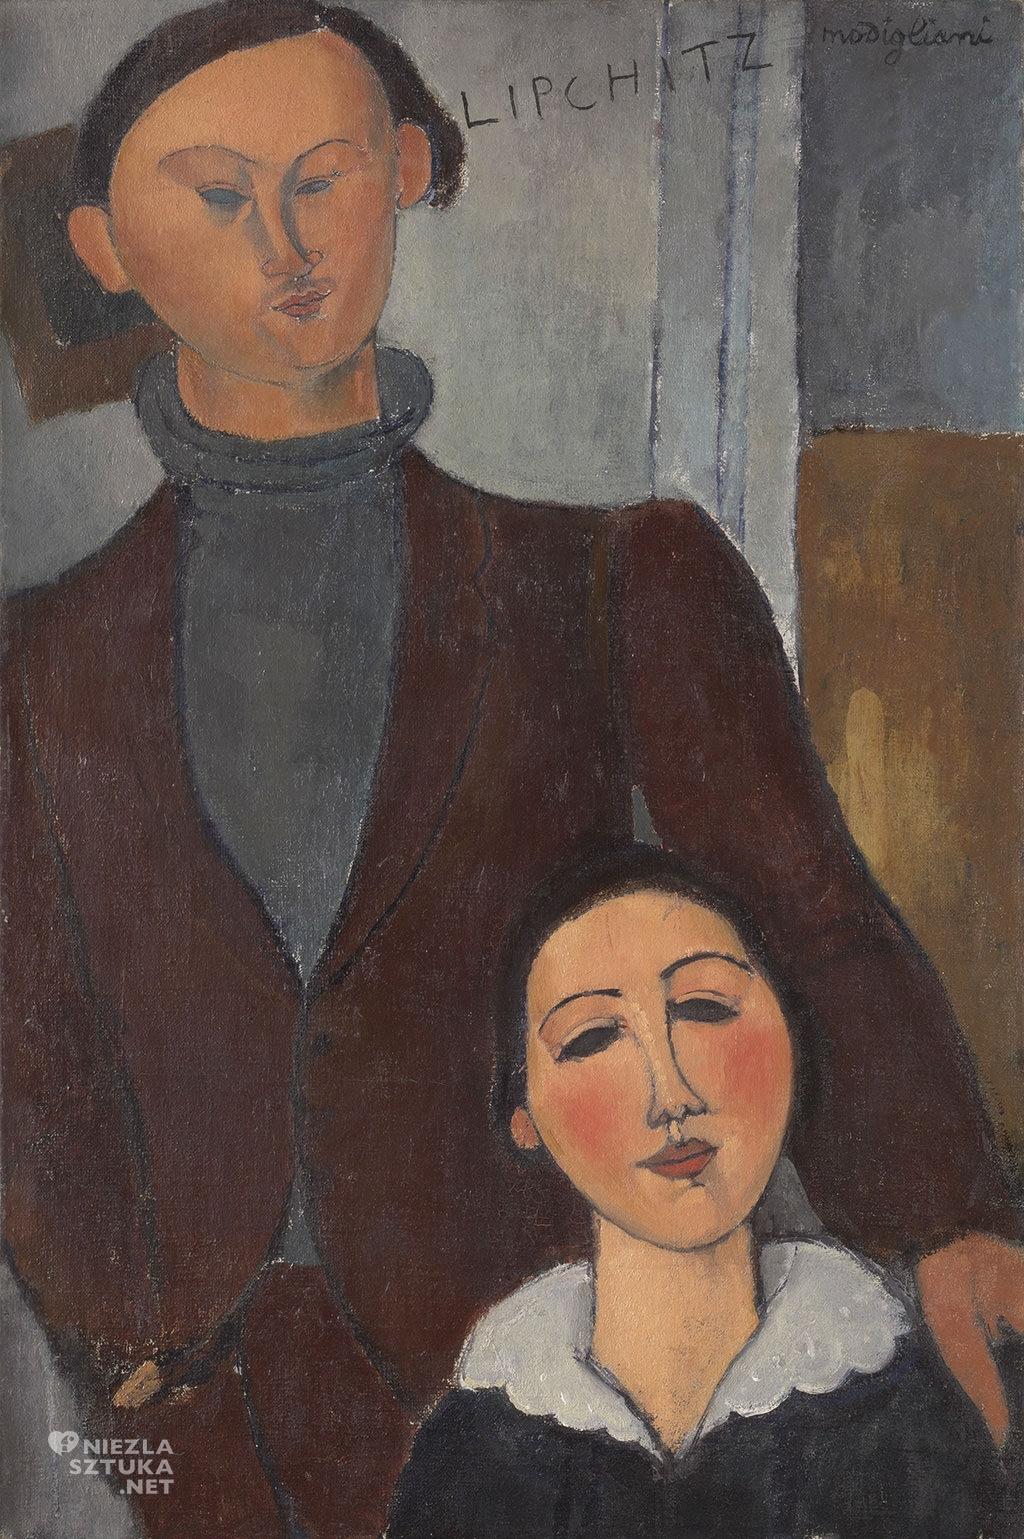 Amedeo Modigliani, Portret Jacquesa Lipchitza i jego żony Berthe Lipchitz, sztuka włoska, malarstwo olejne, portret, ekspresjonizm, sztuka nowoczesna, Ecole de Paris, Niezła Sztuka